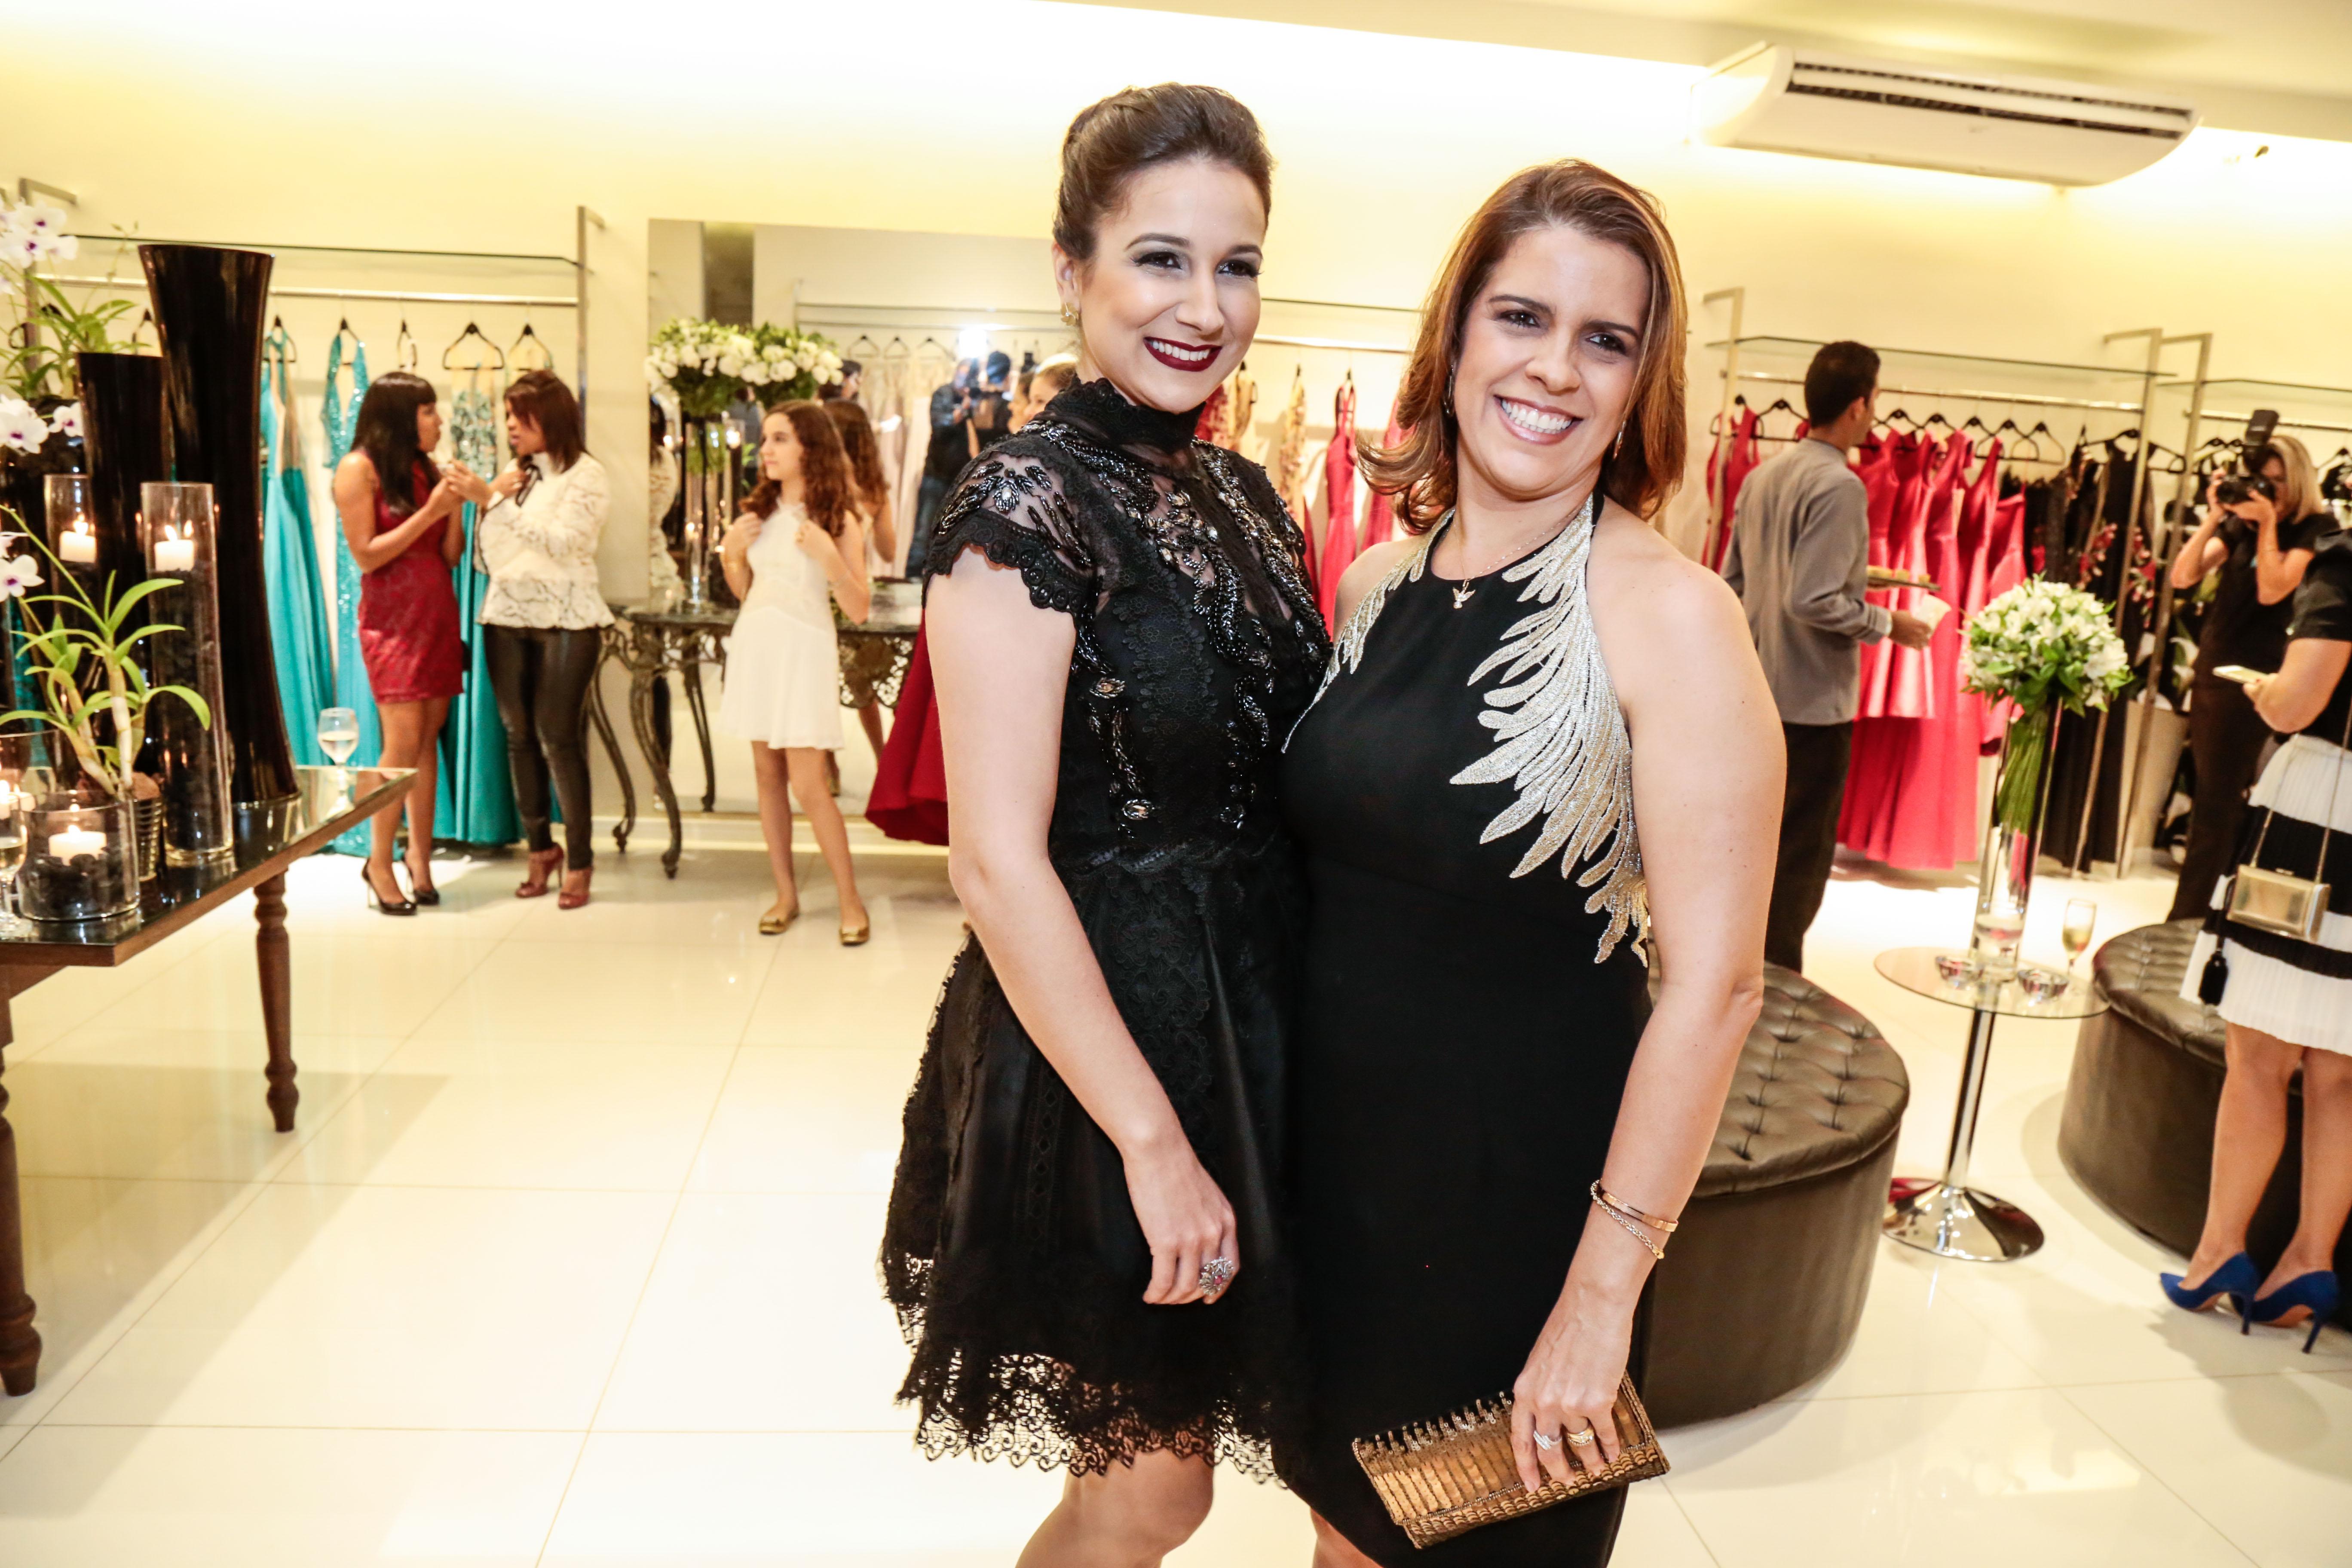 Meyriane Diniz e Cristina Melo - Crédito: Gleyson Ramos/Divulgação